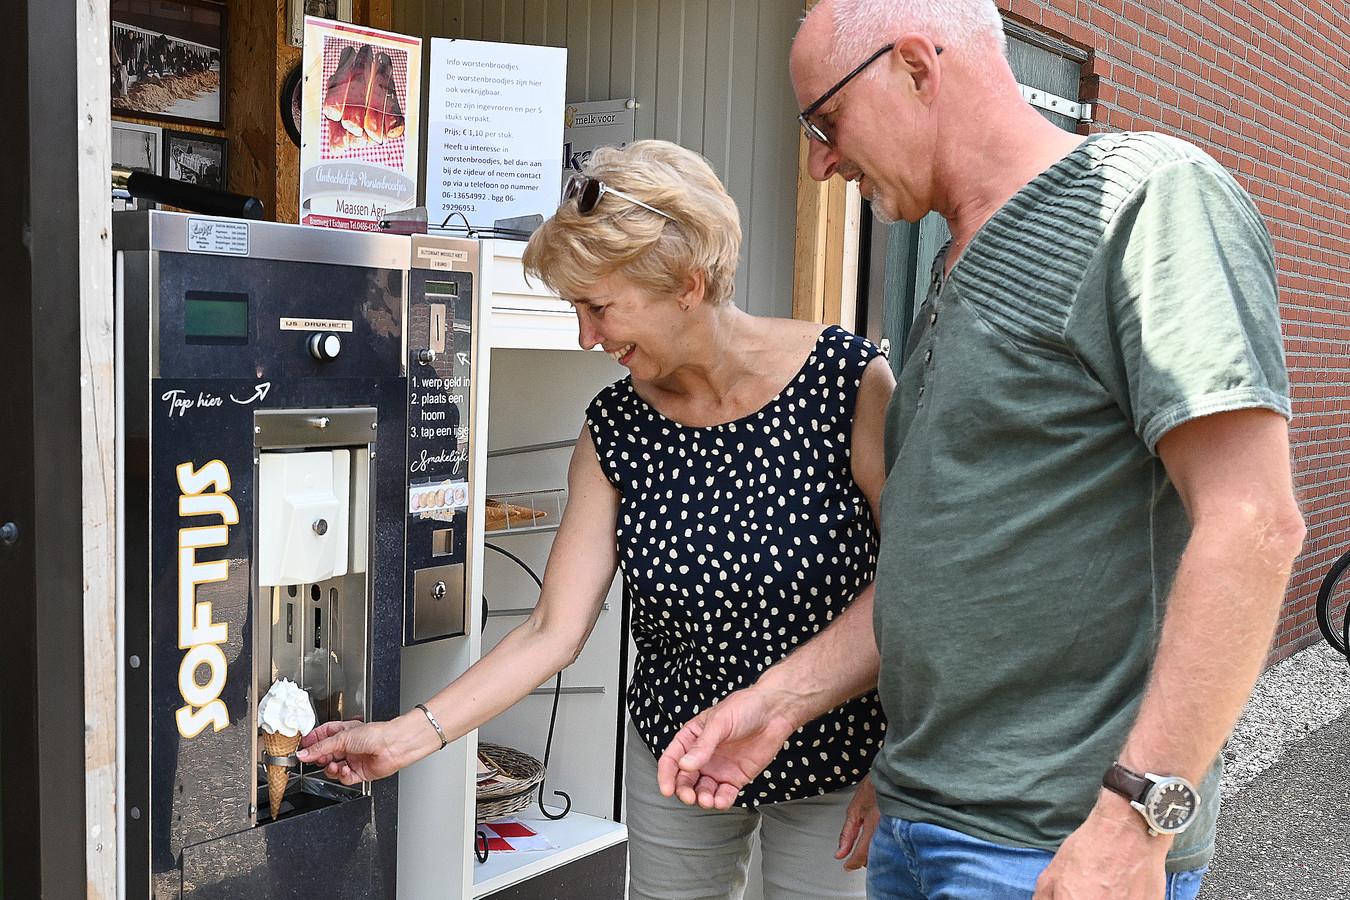 Genieten van een ijsje bij de boer. Aan de Brem in Escharen wordt softijs verkocht, gemaakt van melk van de eigen koeien. De verkoop loopt goed.